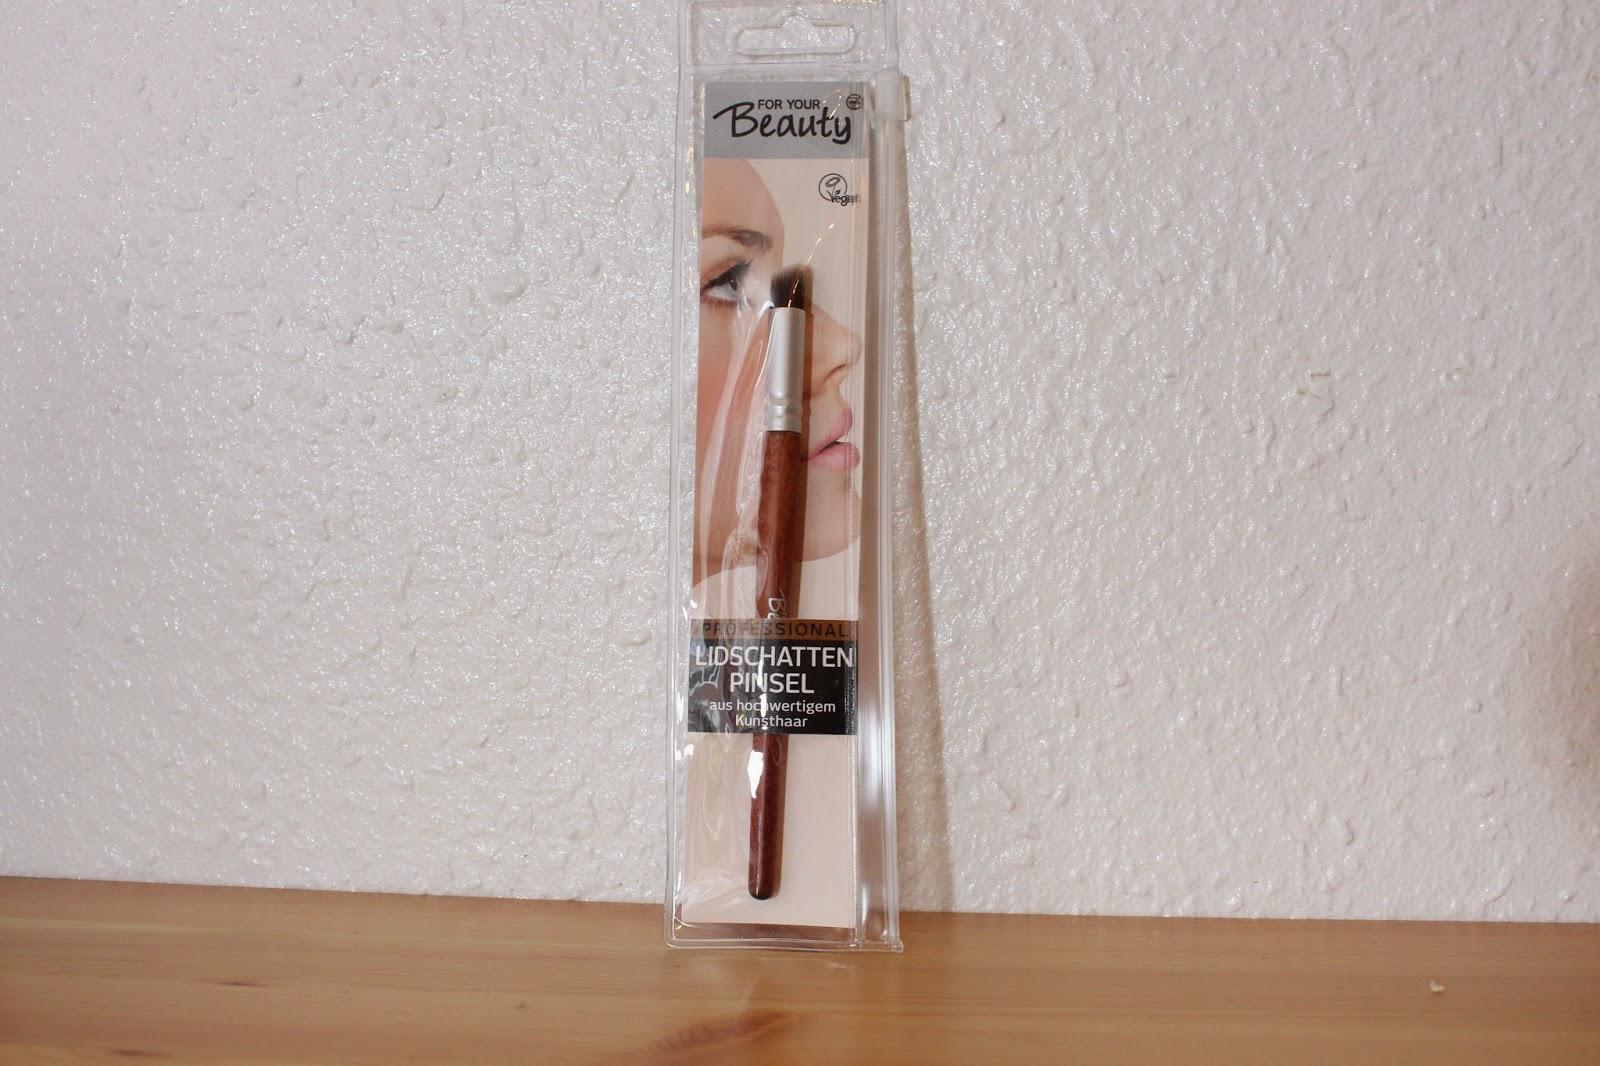 For your Beauty Lidschattenpinsel